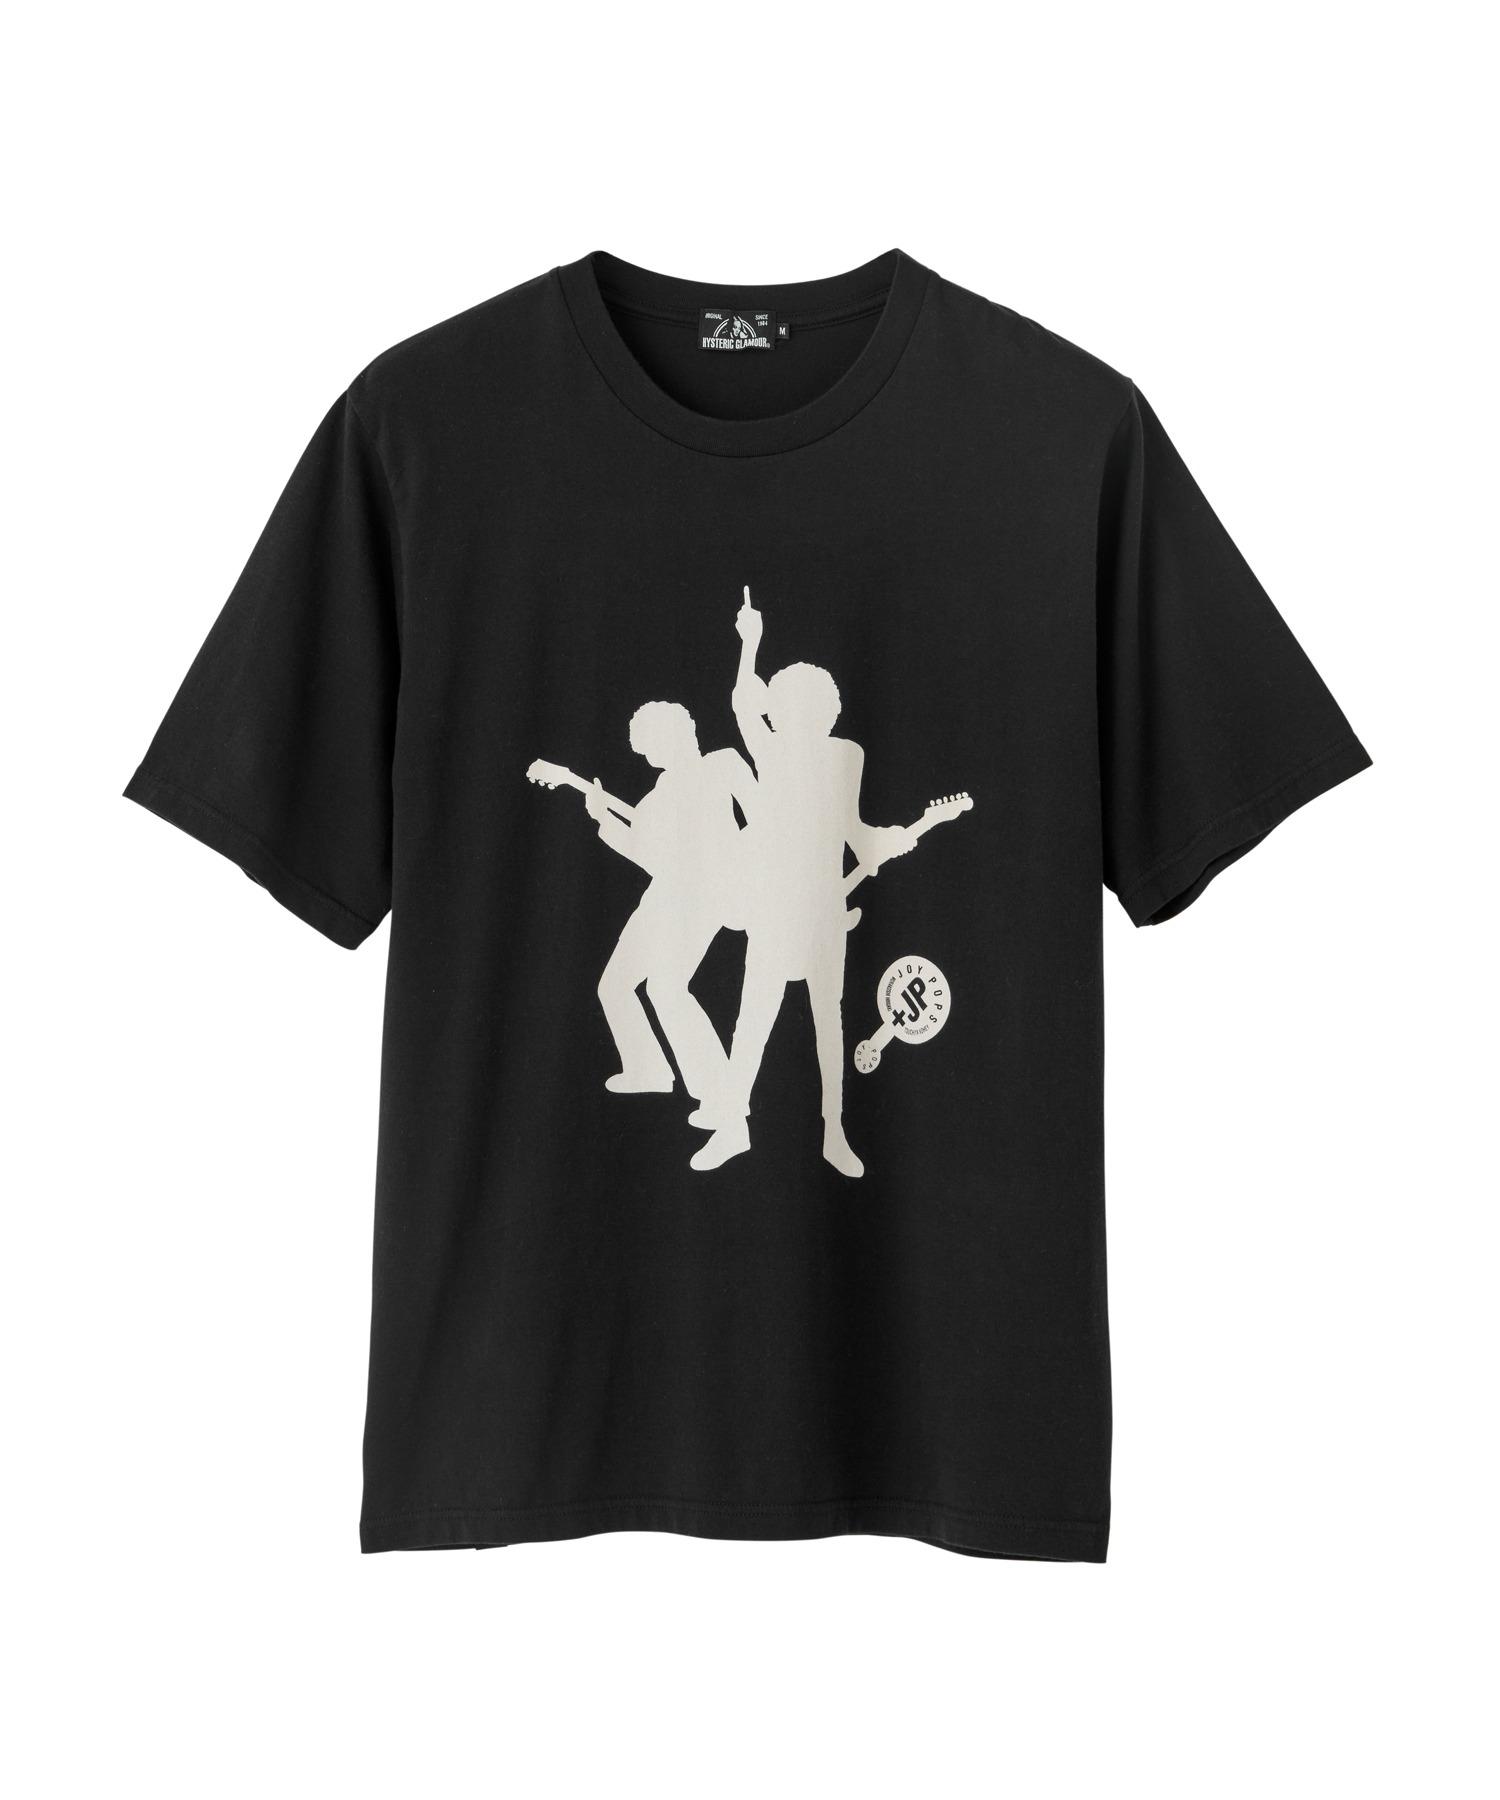 HG JP BACKLIGHT Tシャツ